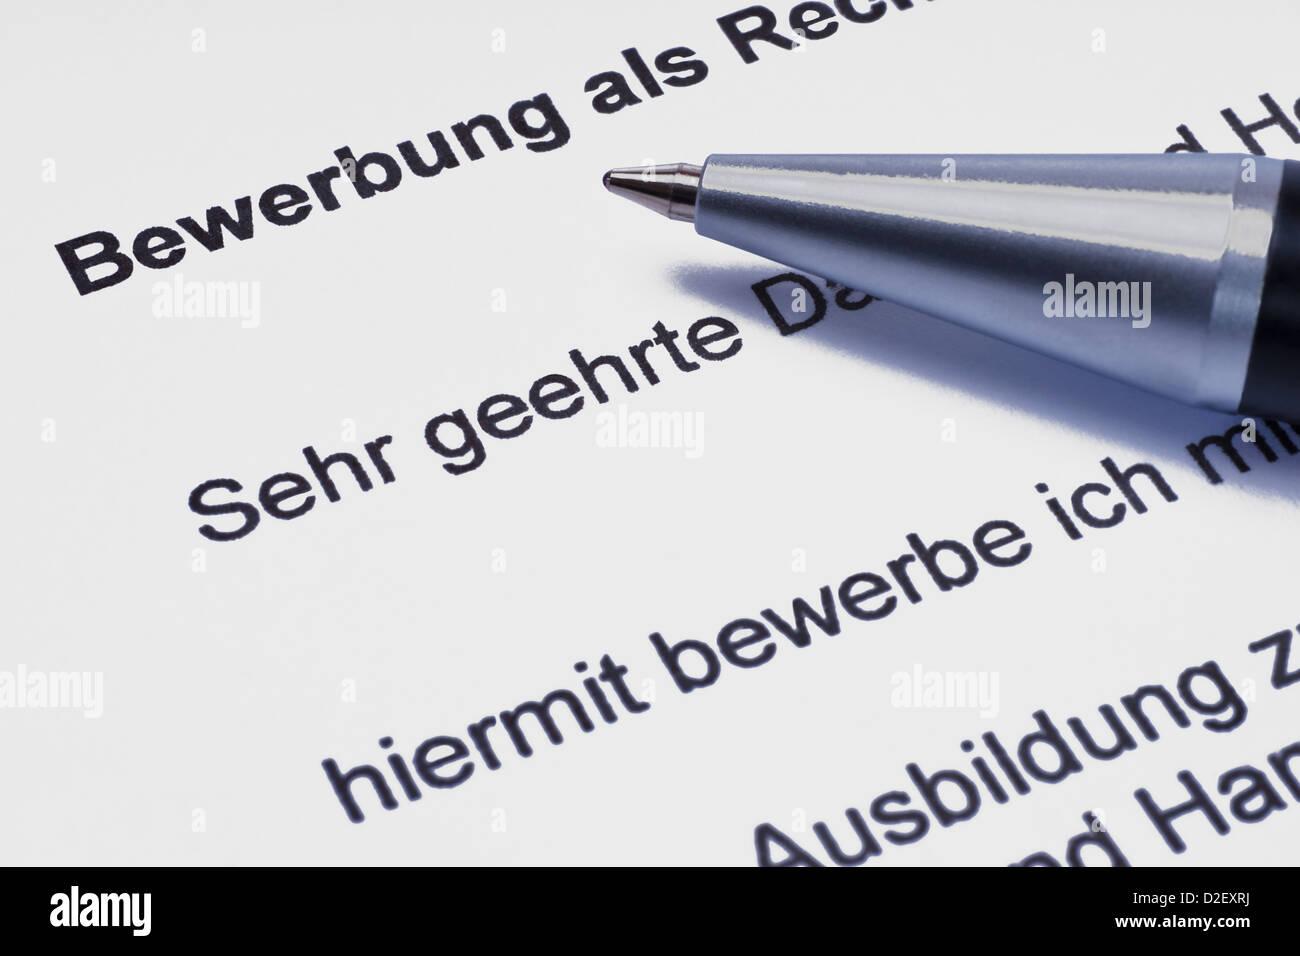 Eine Bewerbung Ein Stift Liegt Dabei Ein Bewerbungsschreiben